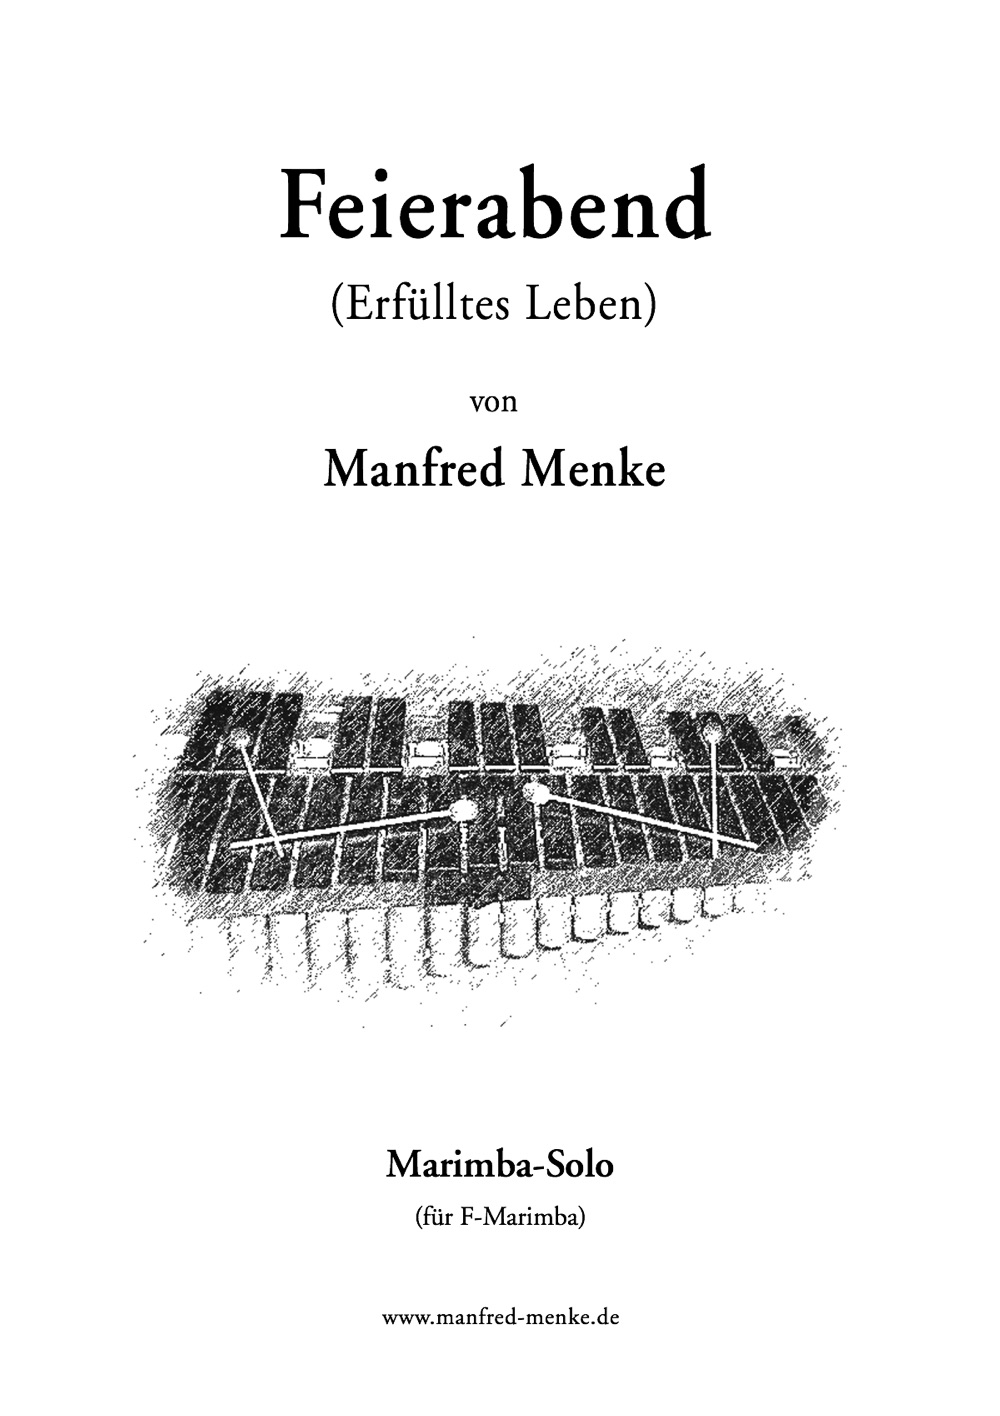 Marimba-Solo · Feierabend (Erfülltes Leben)